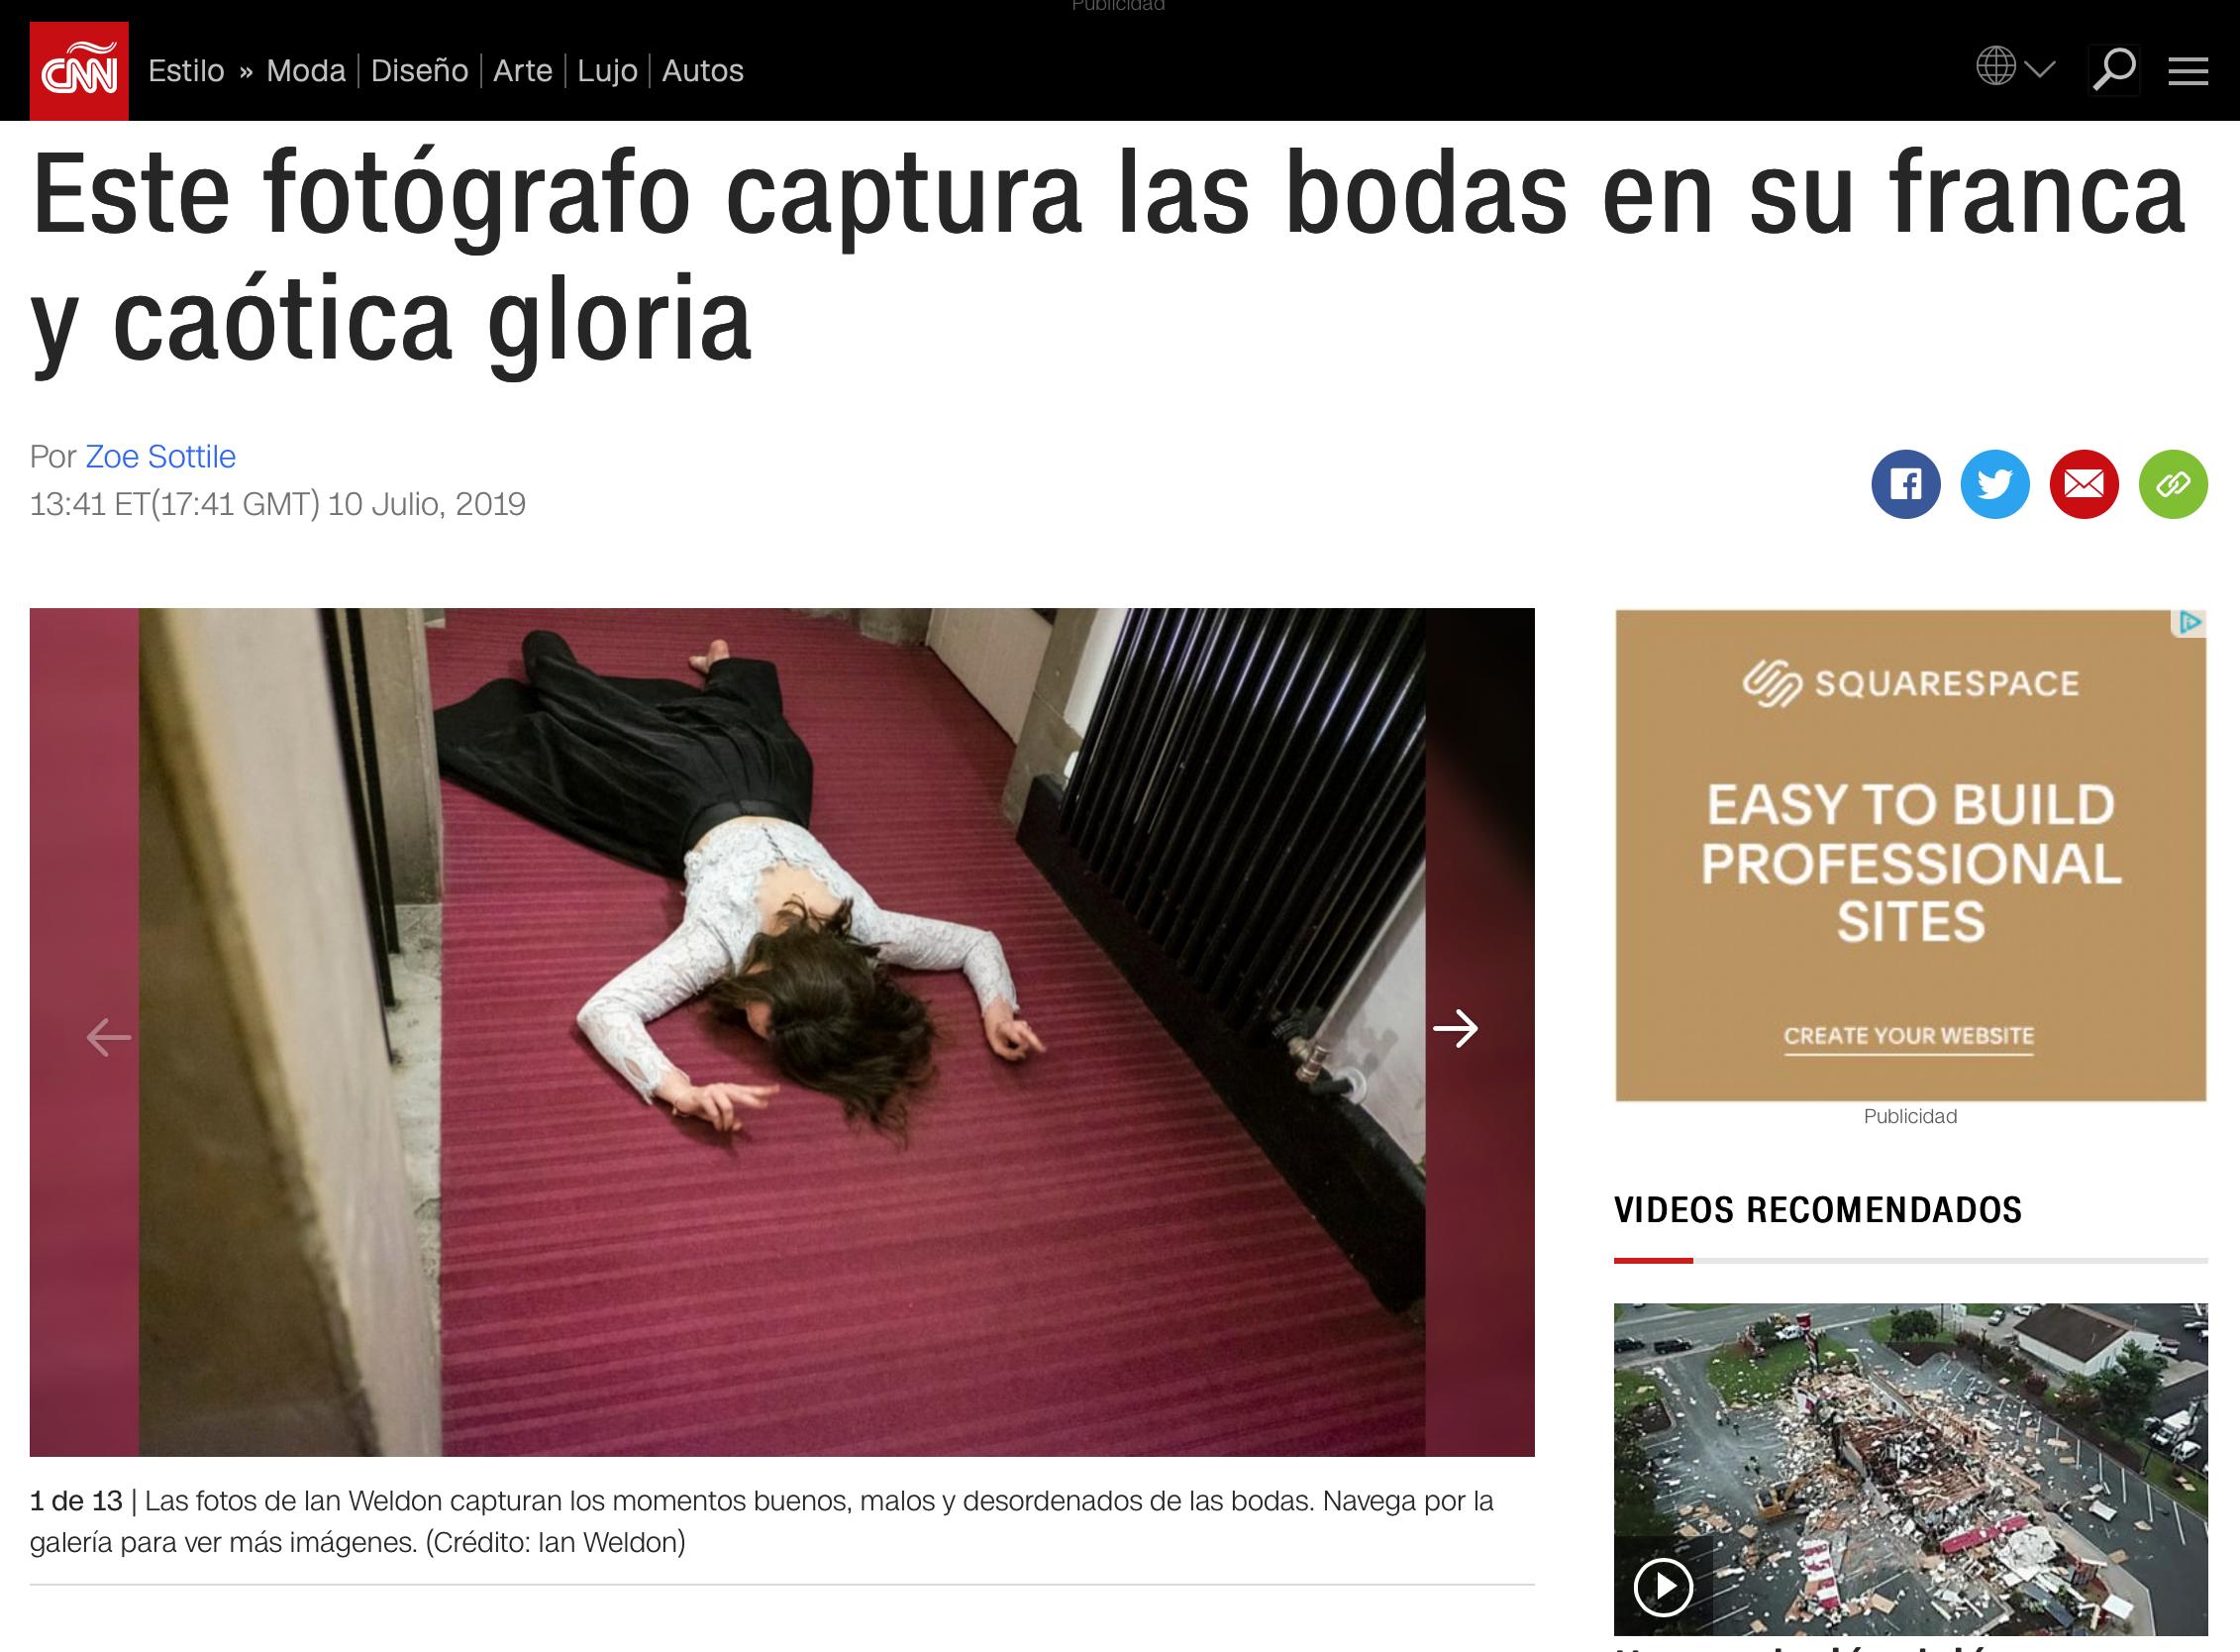 CNN - Spain